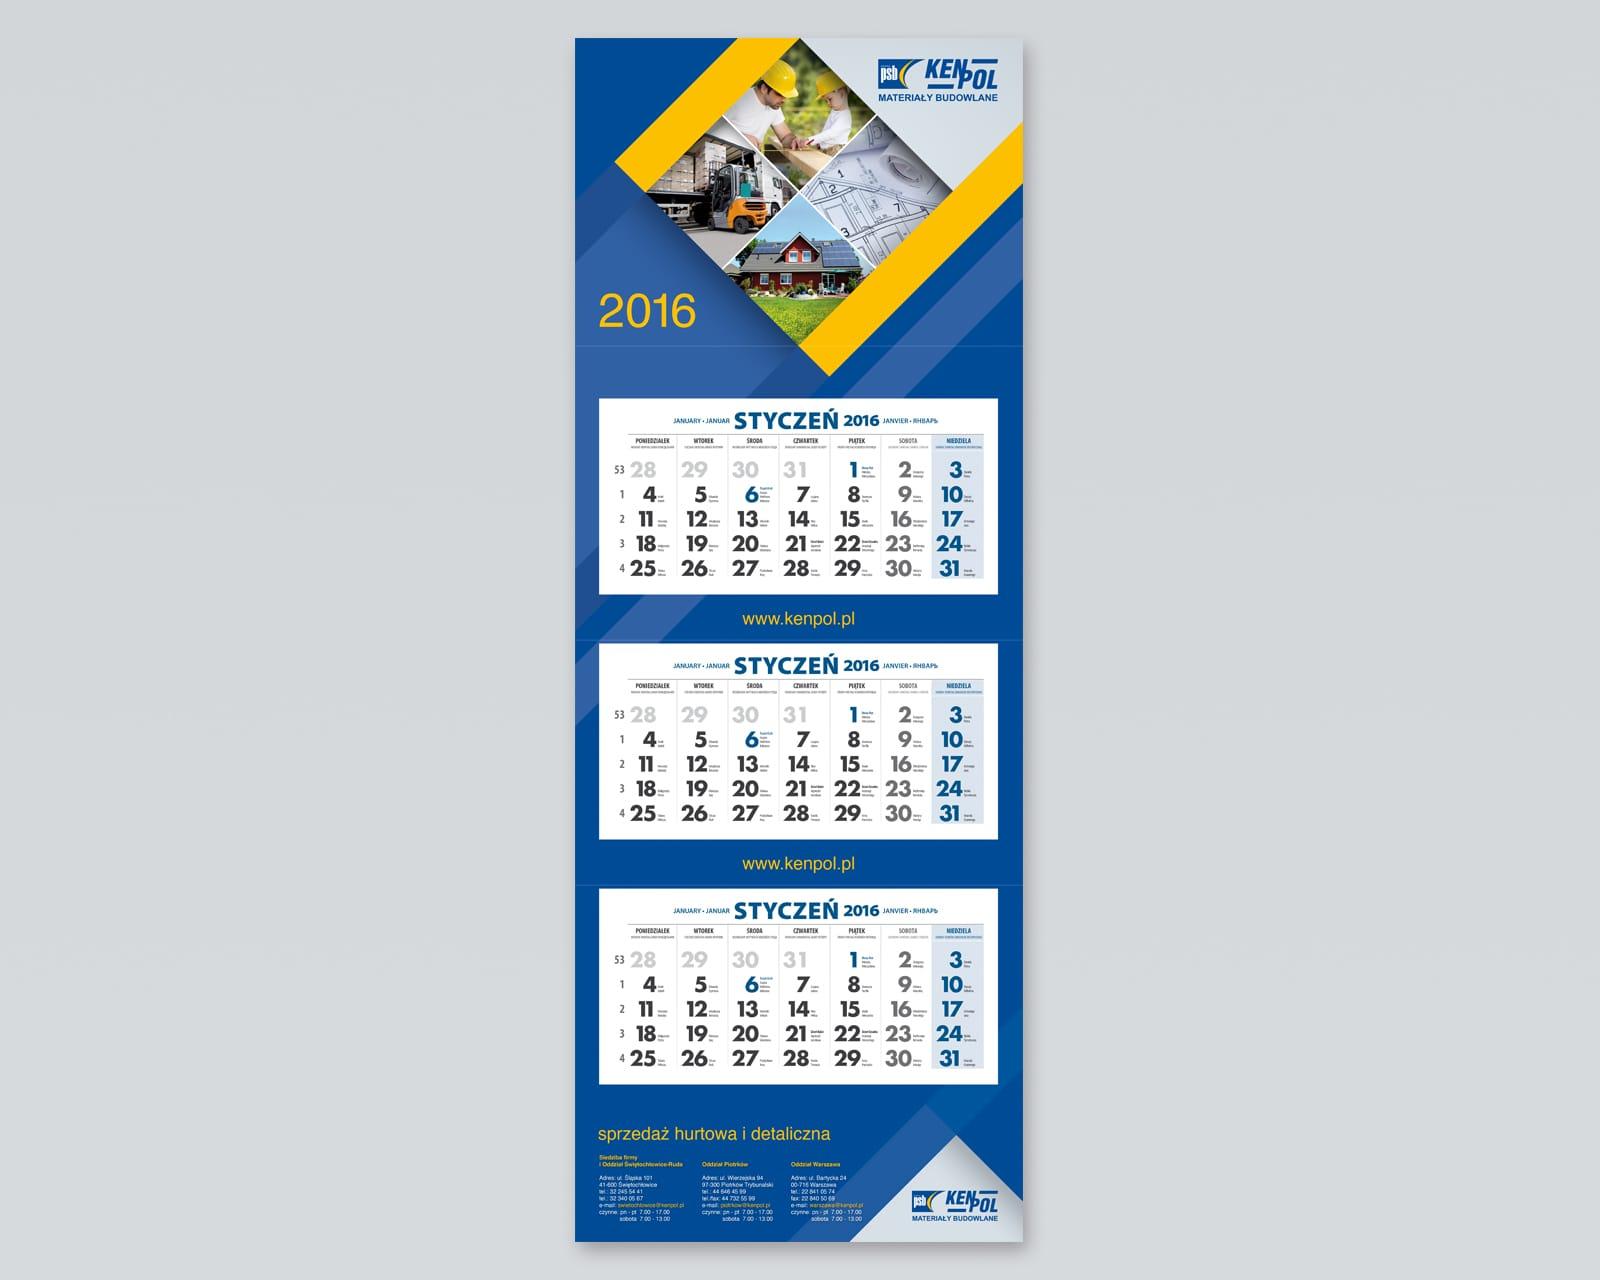 Kenpol kalendarz trojdzielny 2016 Agencja brandingowa Moweli Creative